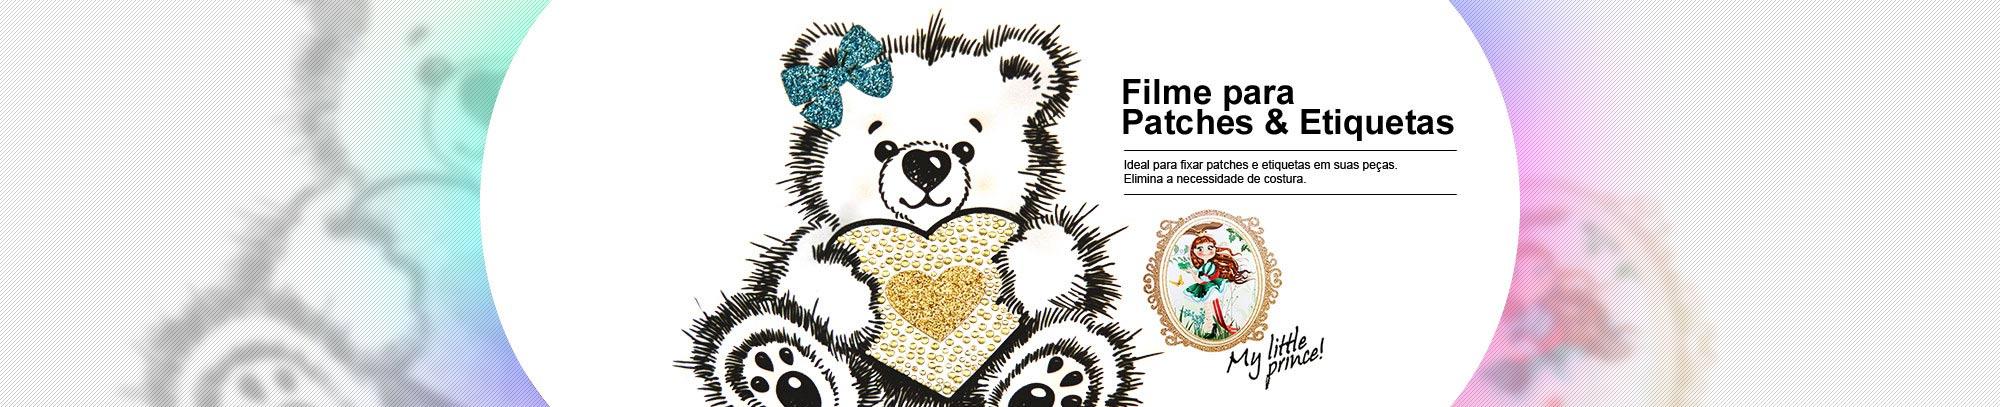 Filmes Para Patches e Etiquetas